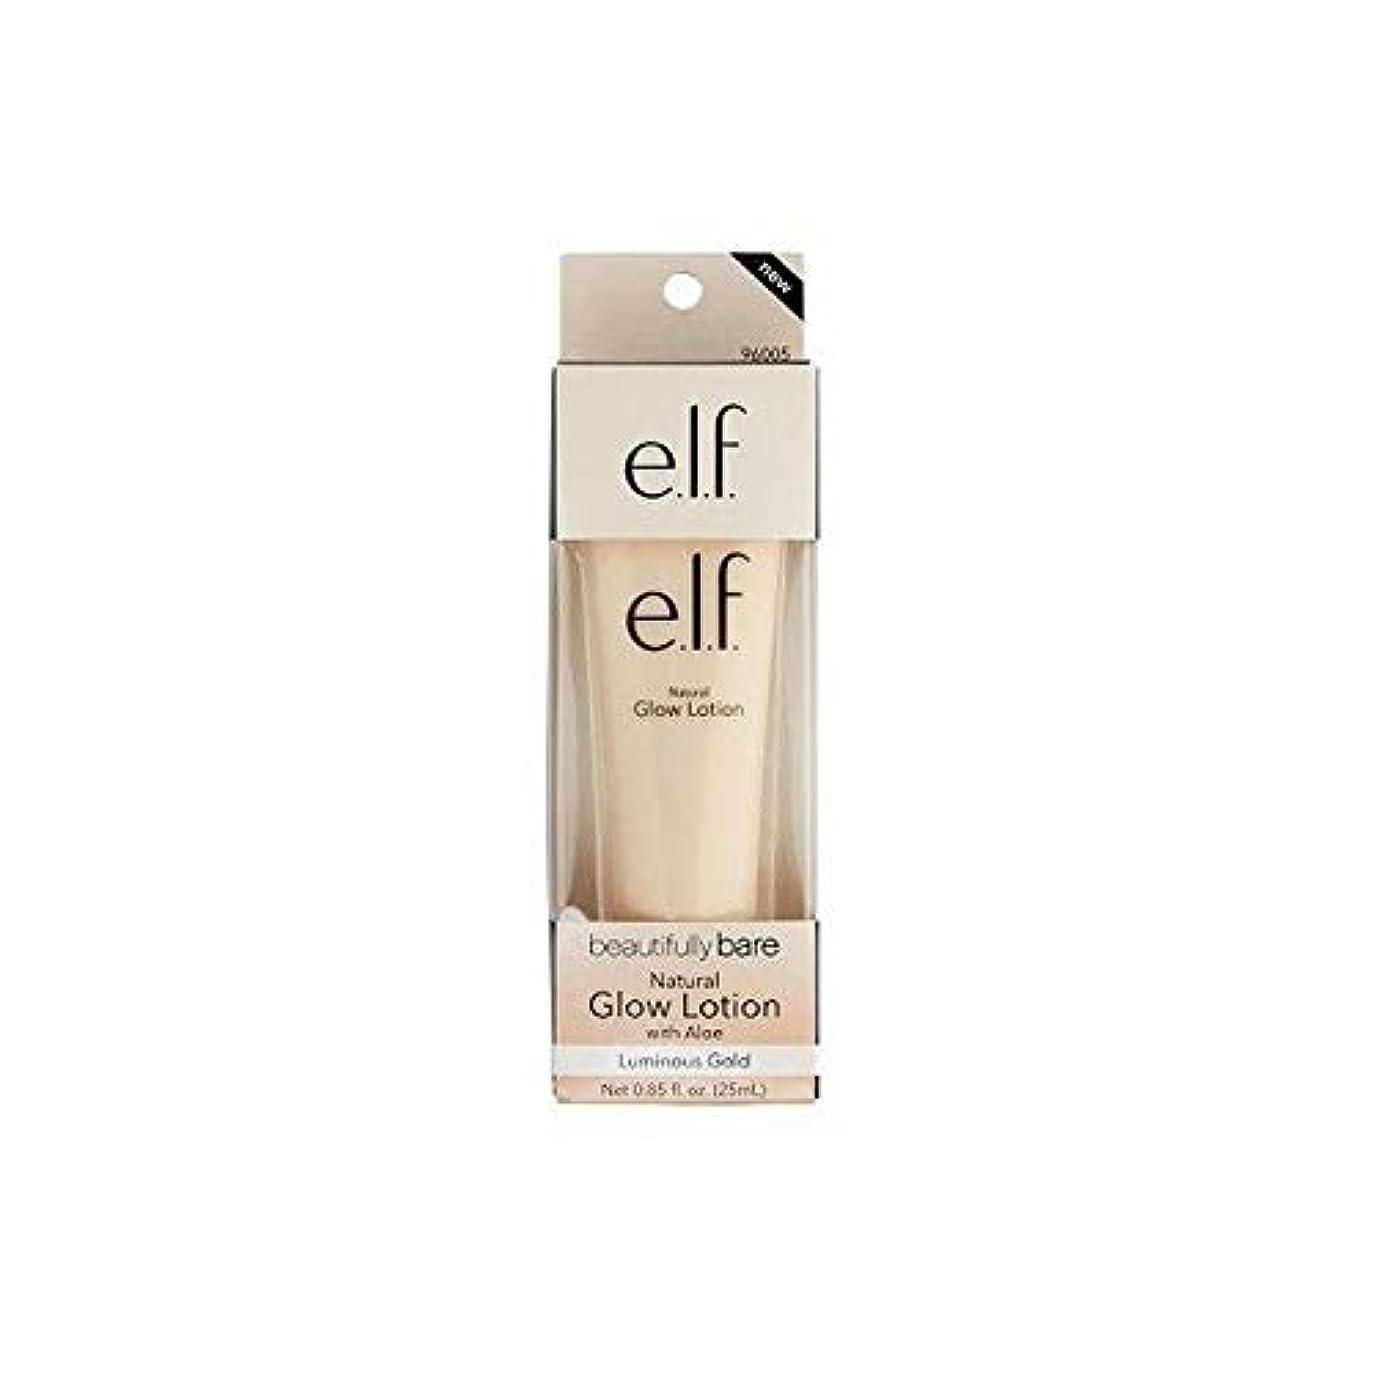 虚弱毒性昇進[Elf ] エルフ。美しく裸自然グローローション金 - e.l.f. Beautifully Bare Natural Glow Lotion gold [並行輸入品]